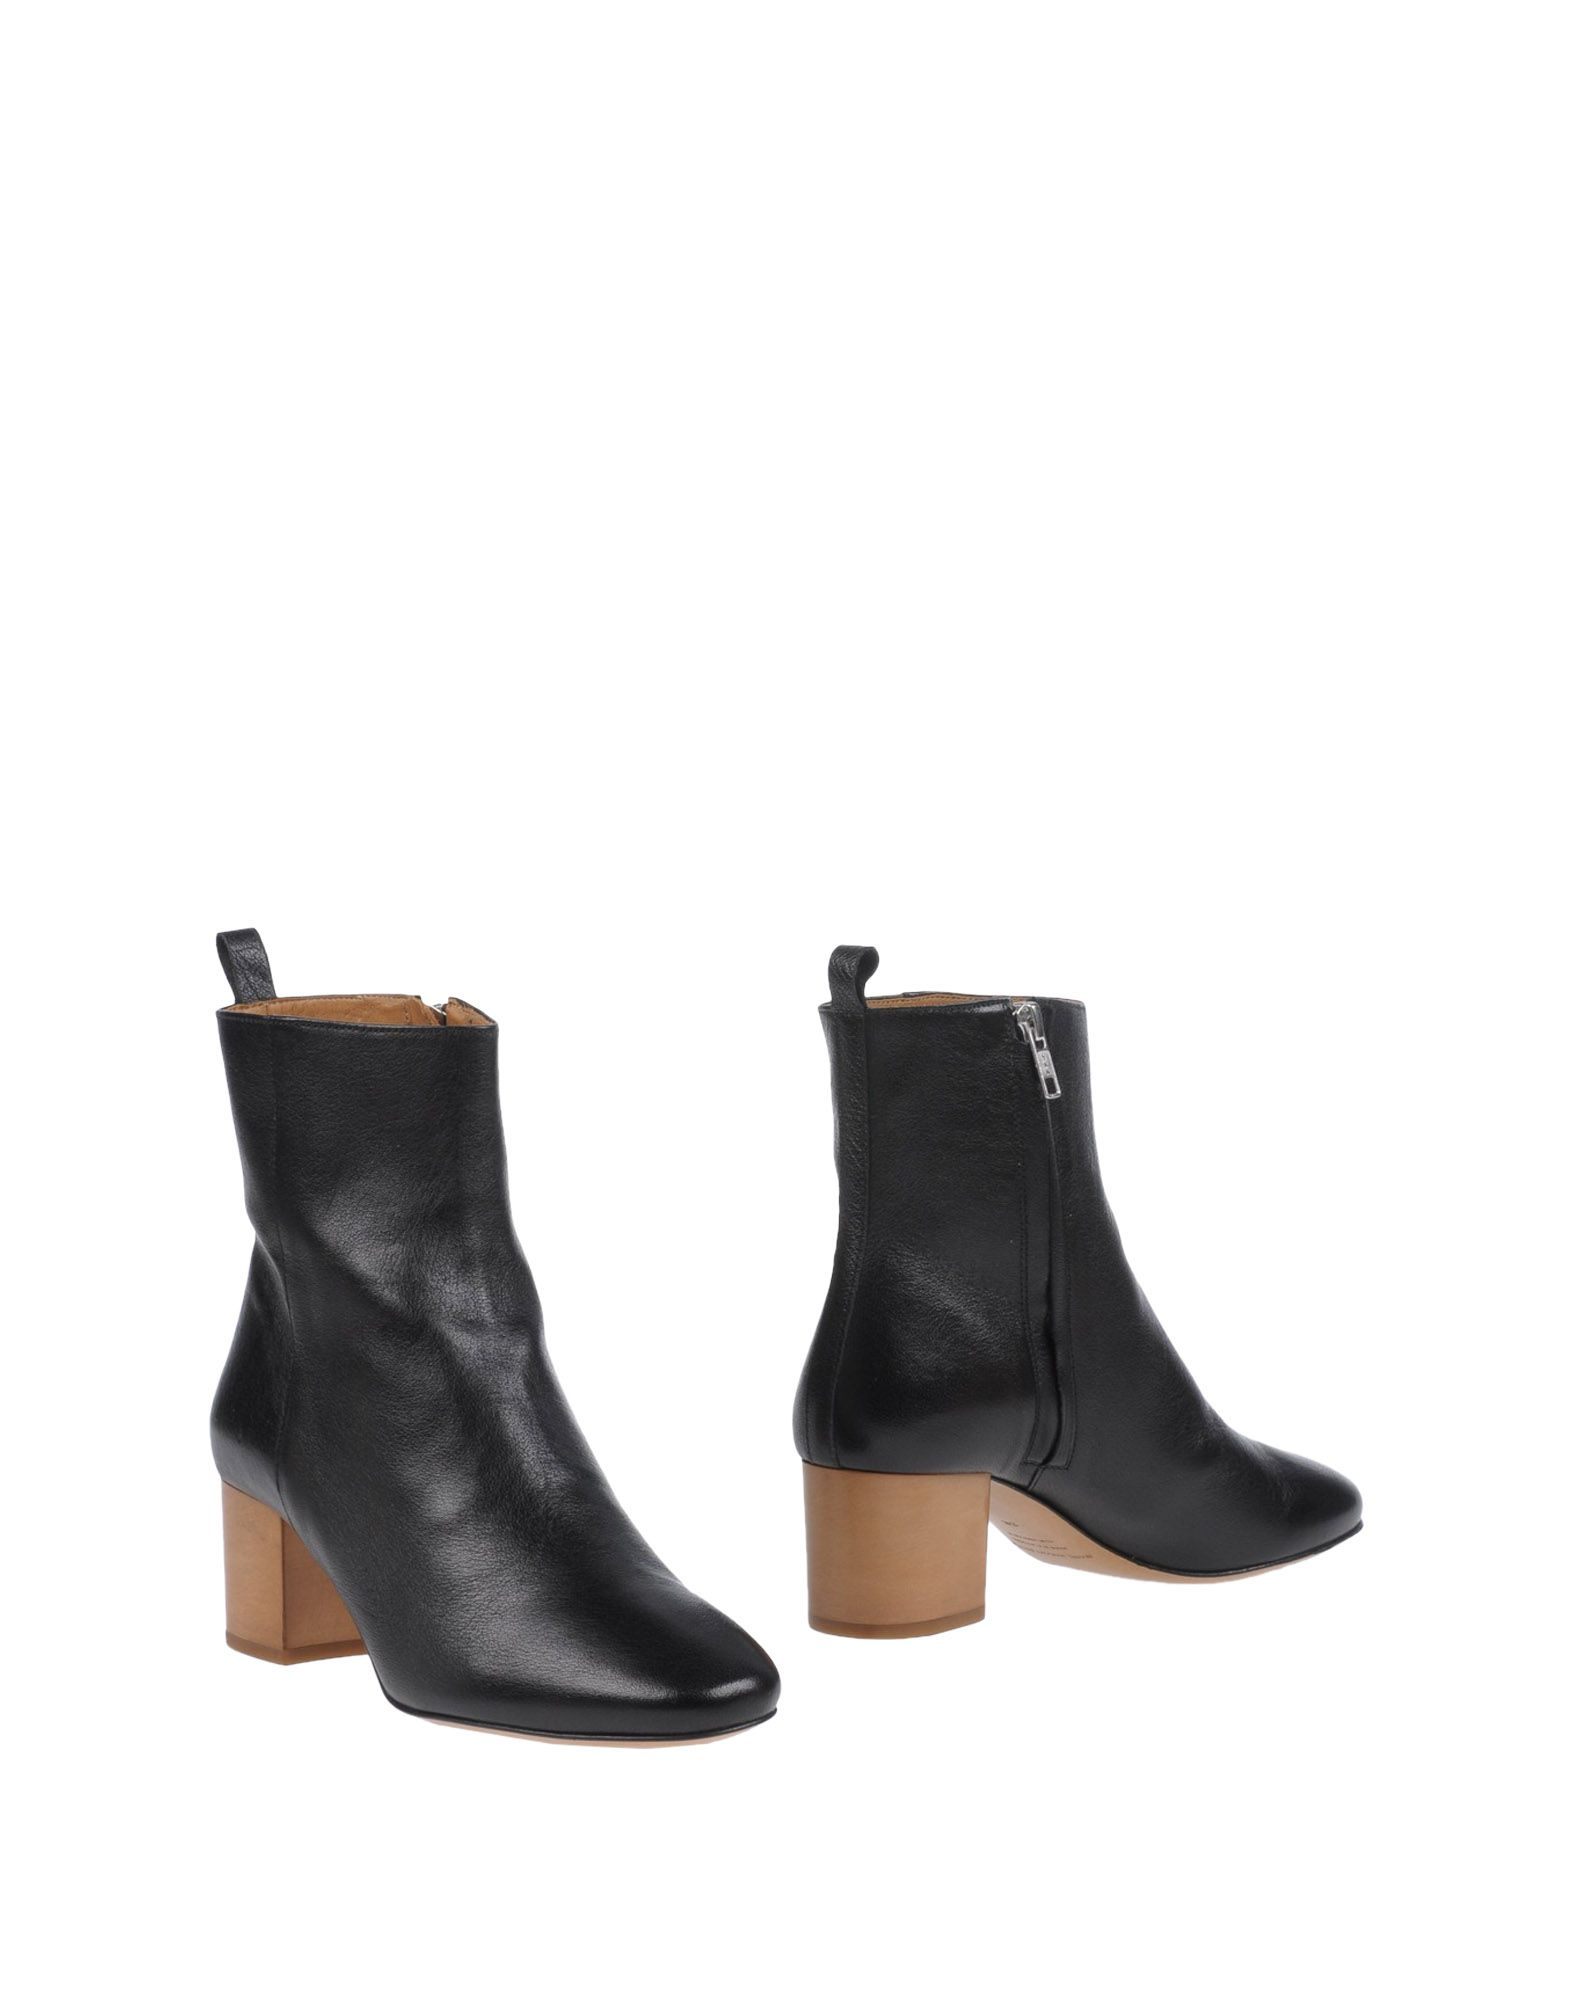 Isabel Marant Étoile Stiefelette Damen  11100254GEGünstige gut aussehende Schuhe